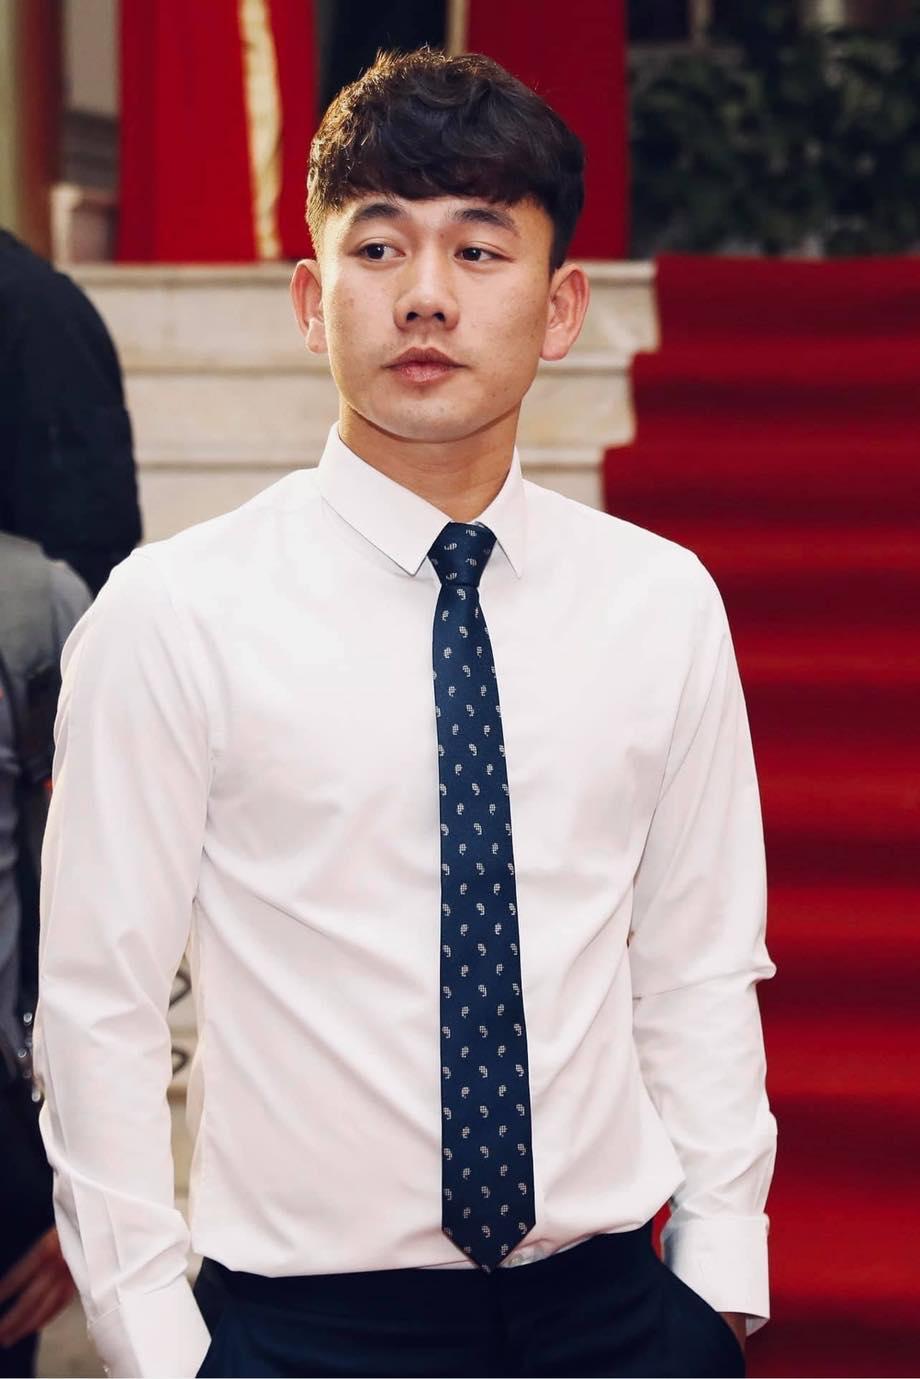 Minh Vương bảnh bao khi diện sơ mi, quần tay, thắt cà vạt.